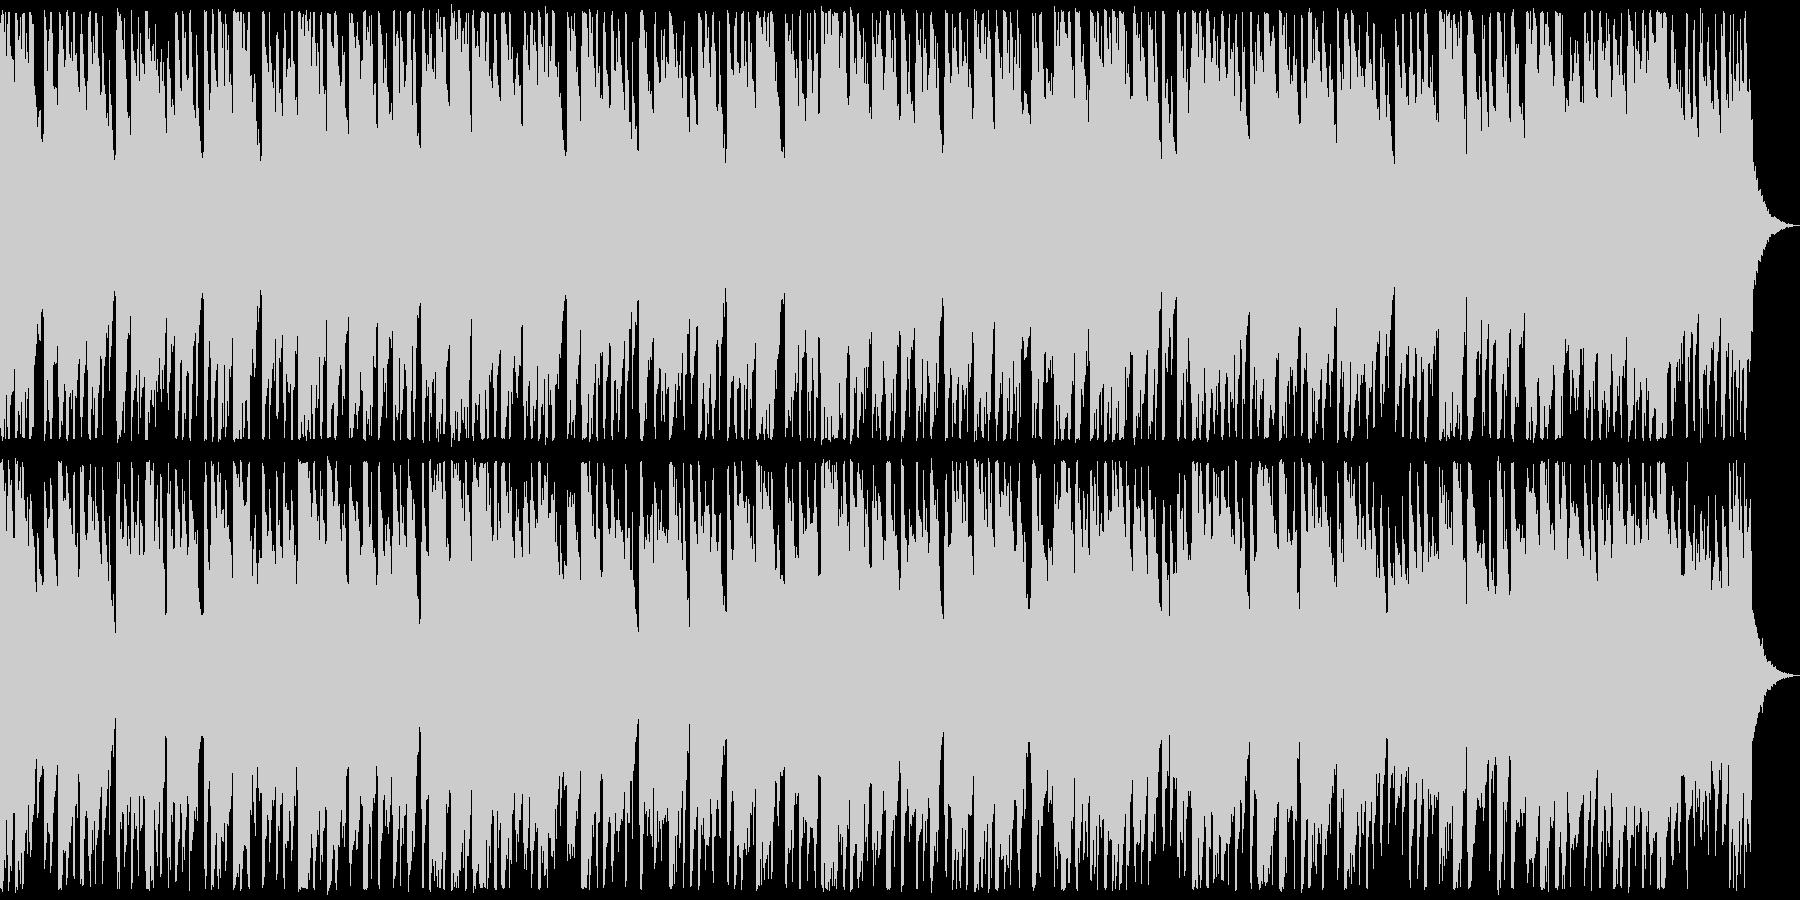 ベル系のメロディーが可愛らしいイメージの未再生の波形